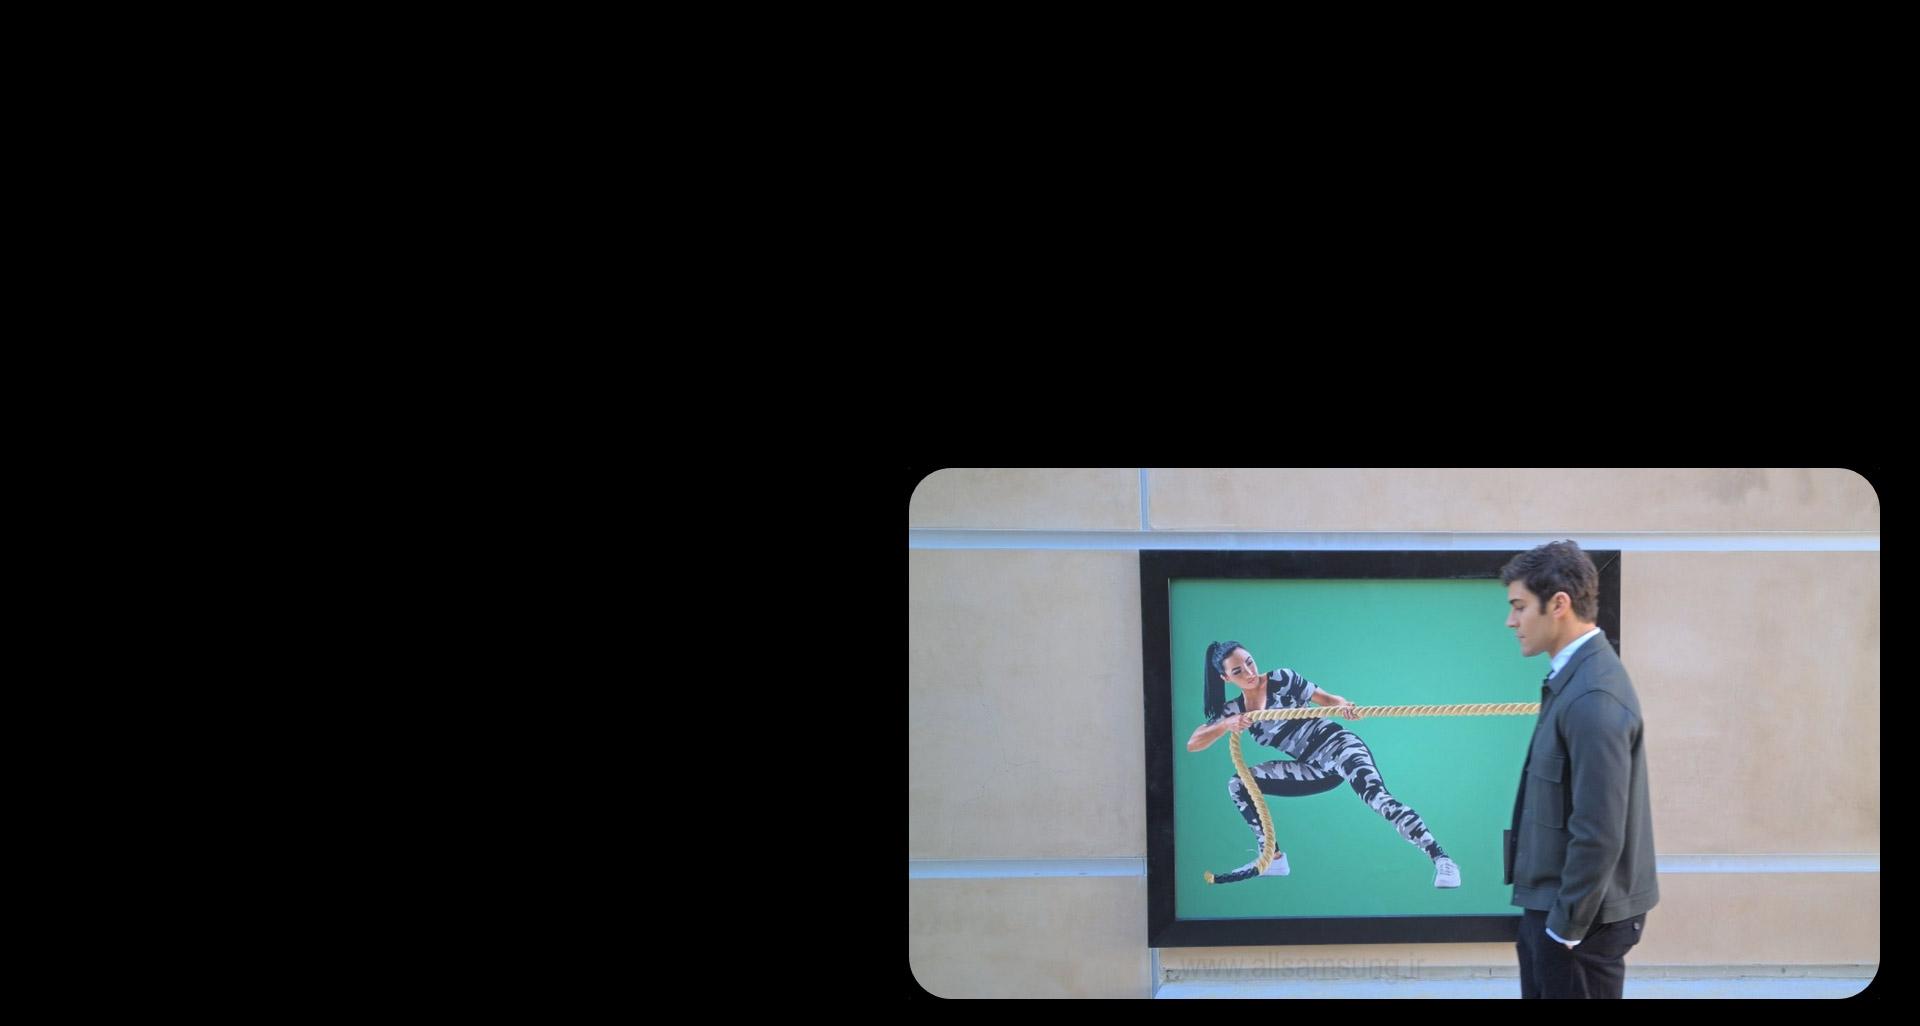 گوشی گلکسی S20 پلاس با قابلیت ضبط ویدیو با بالاترین رزولوشن